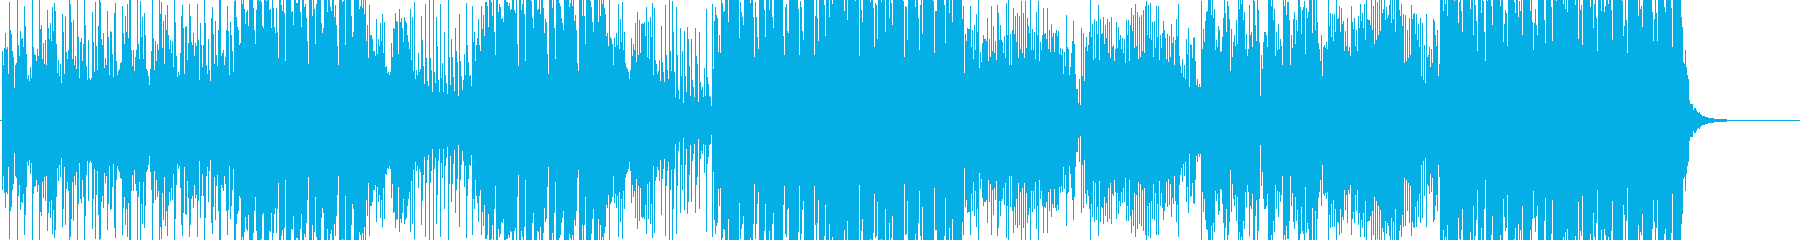 クラシックのアレンジ|トルコ行進曲の再生済みの波形